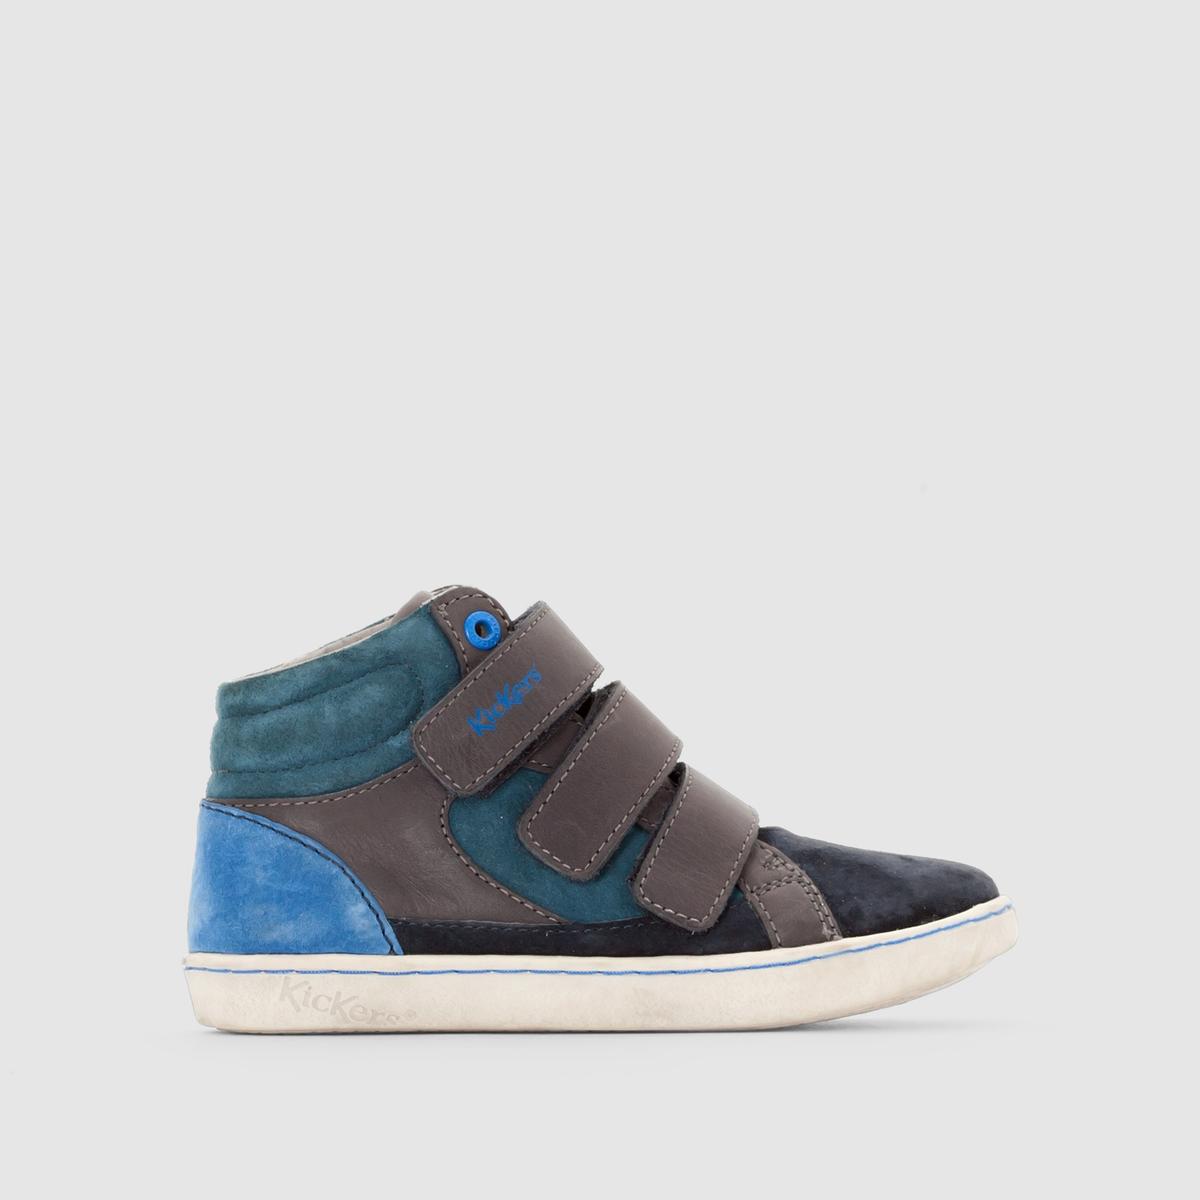 Кеды кожаные LynuxДетали •  Кеды высокие •  Спортивный стиль •  Плоский каблук •  Застежка : планка-велкроСостав и уход •  Верх 100% кожа •  Подкладка 100% спилок •  Стелька 100% спилок •  Подошва 100% синтетический материал<br><br>Цвет: темно-синий/ синий